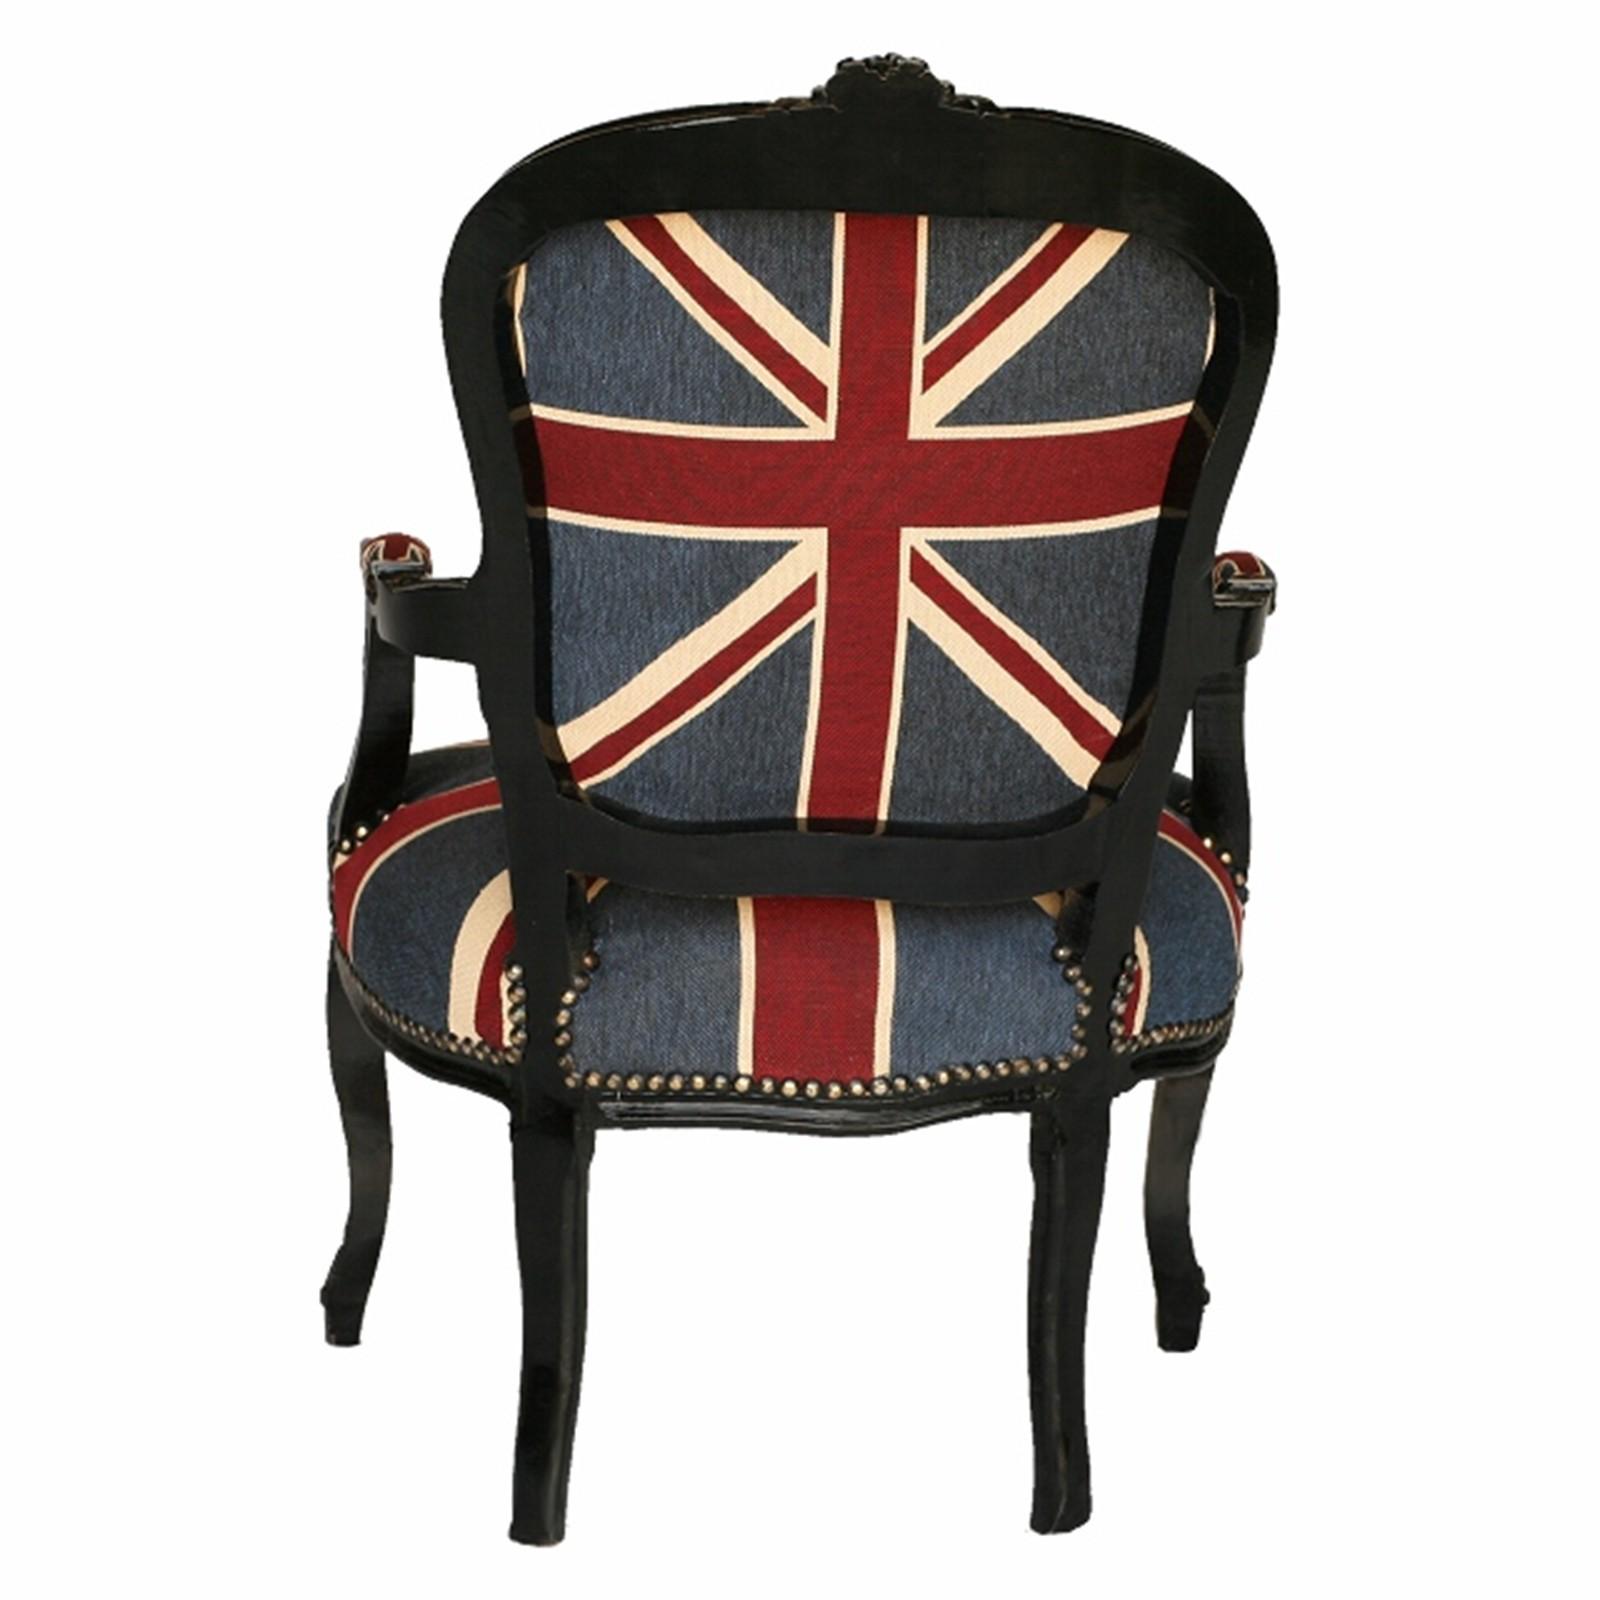 fahne von england union jack barock stuhl sessel in schwarz lounge m bel uk flag ebay. Black Bedroom Furniture Sets. Home Design Ideas